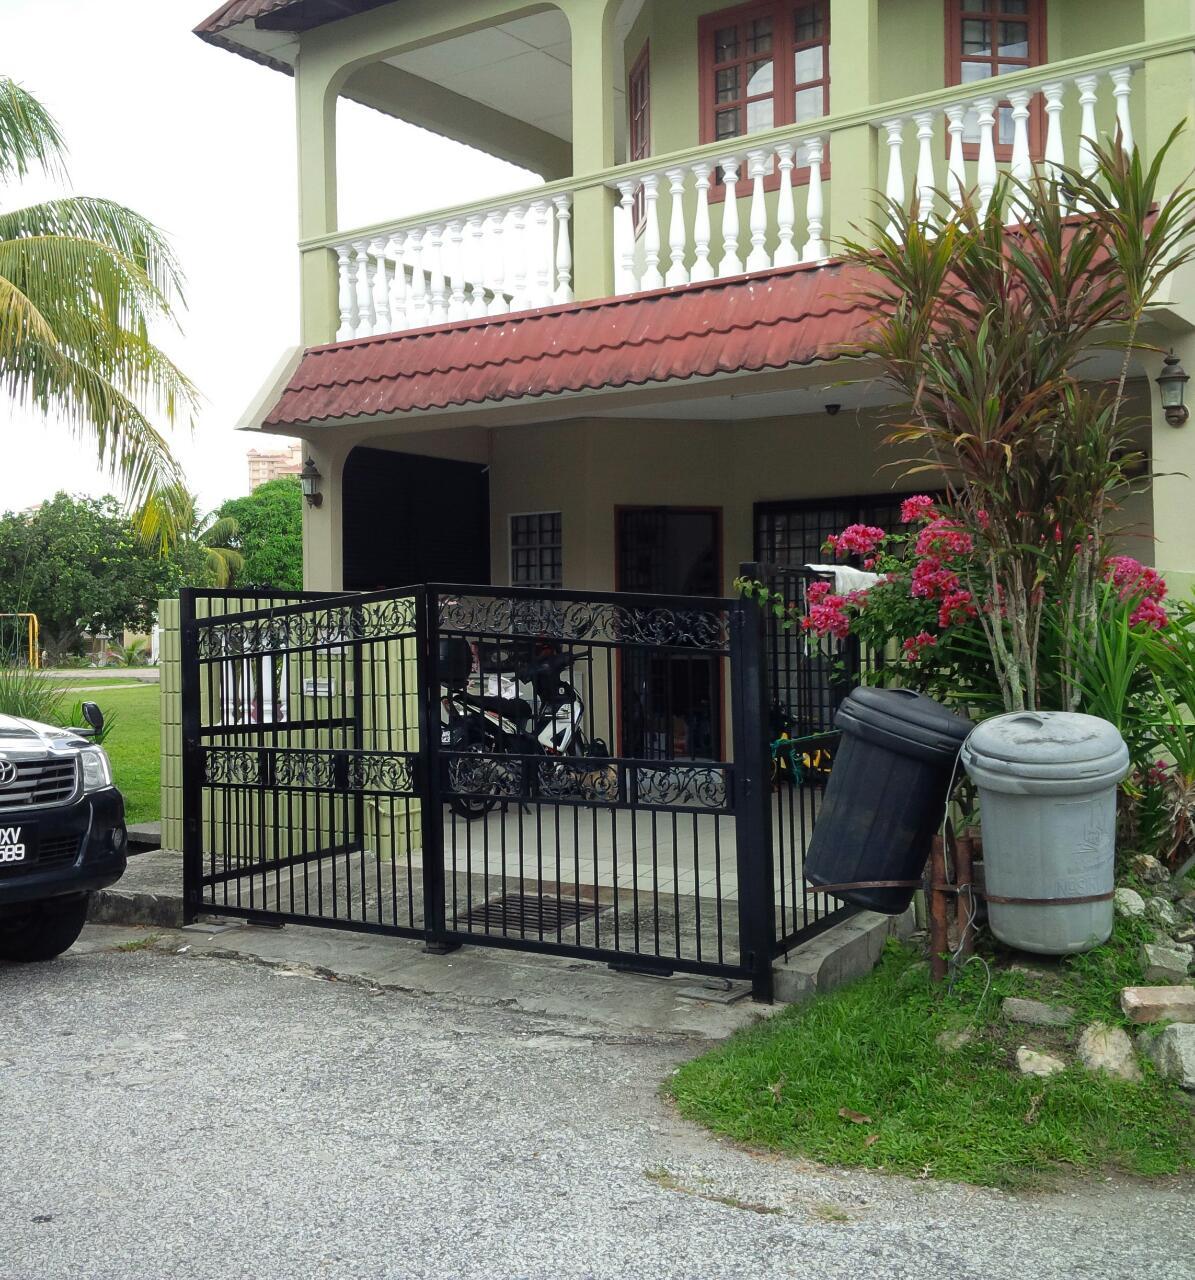 Rumah Untuk Dijual Sri Gombak Gombak Terrace Endlot Ejen Hartanah Berdaftar Gombak